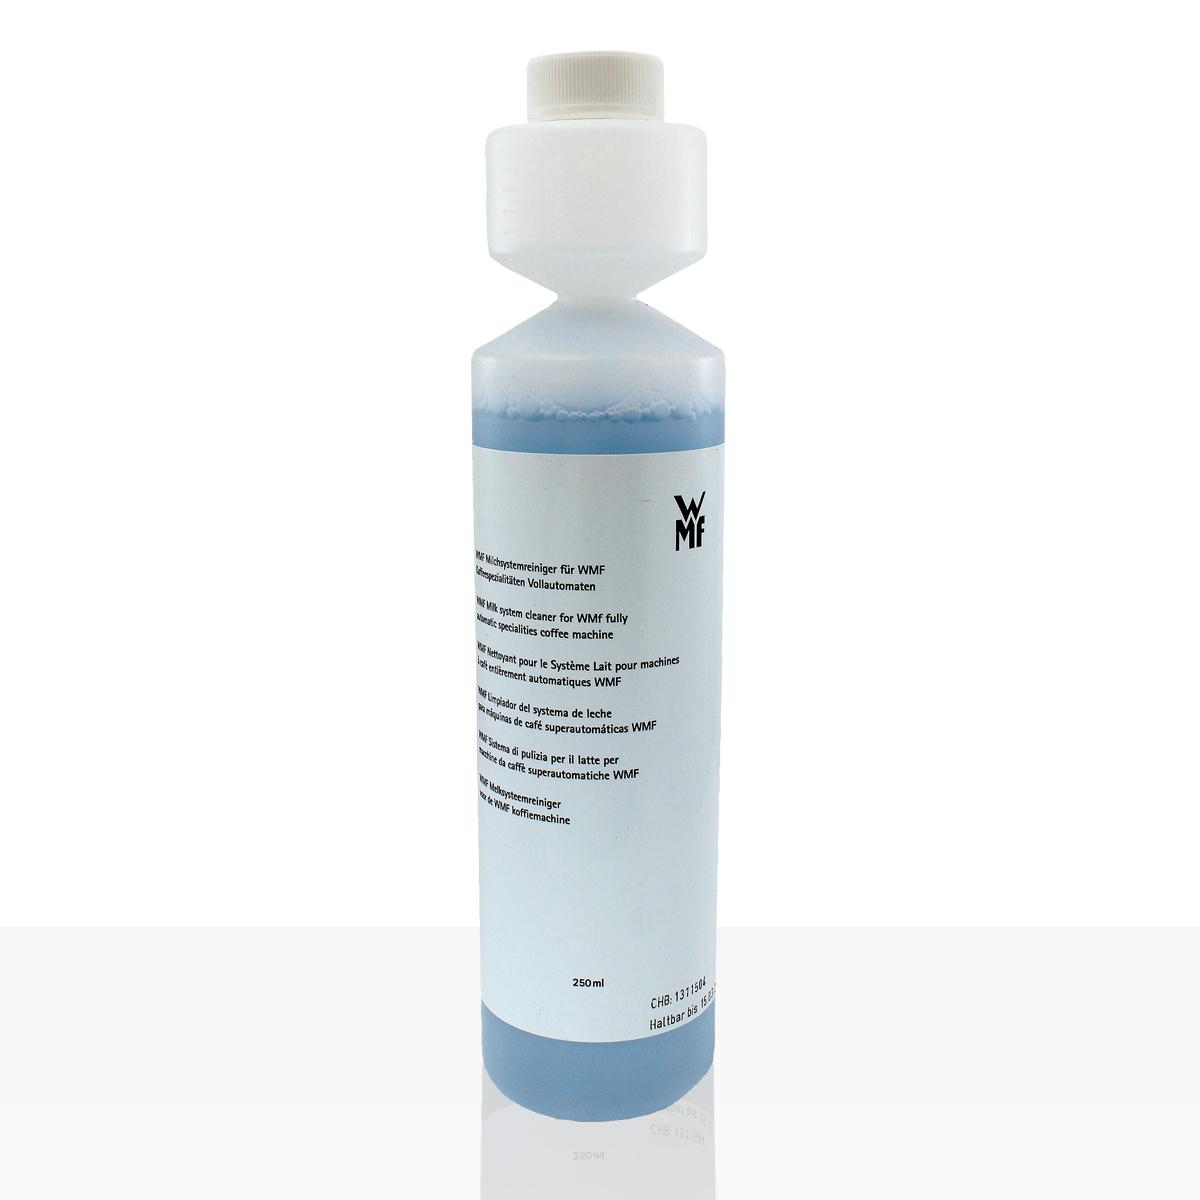 WMF Spezial Milchschaumreiniger 12 x 250ml Reiniger